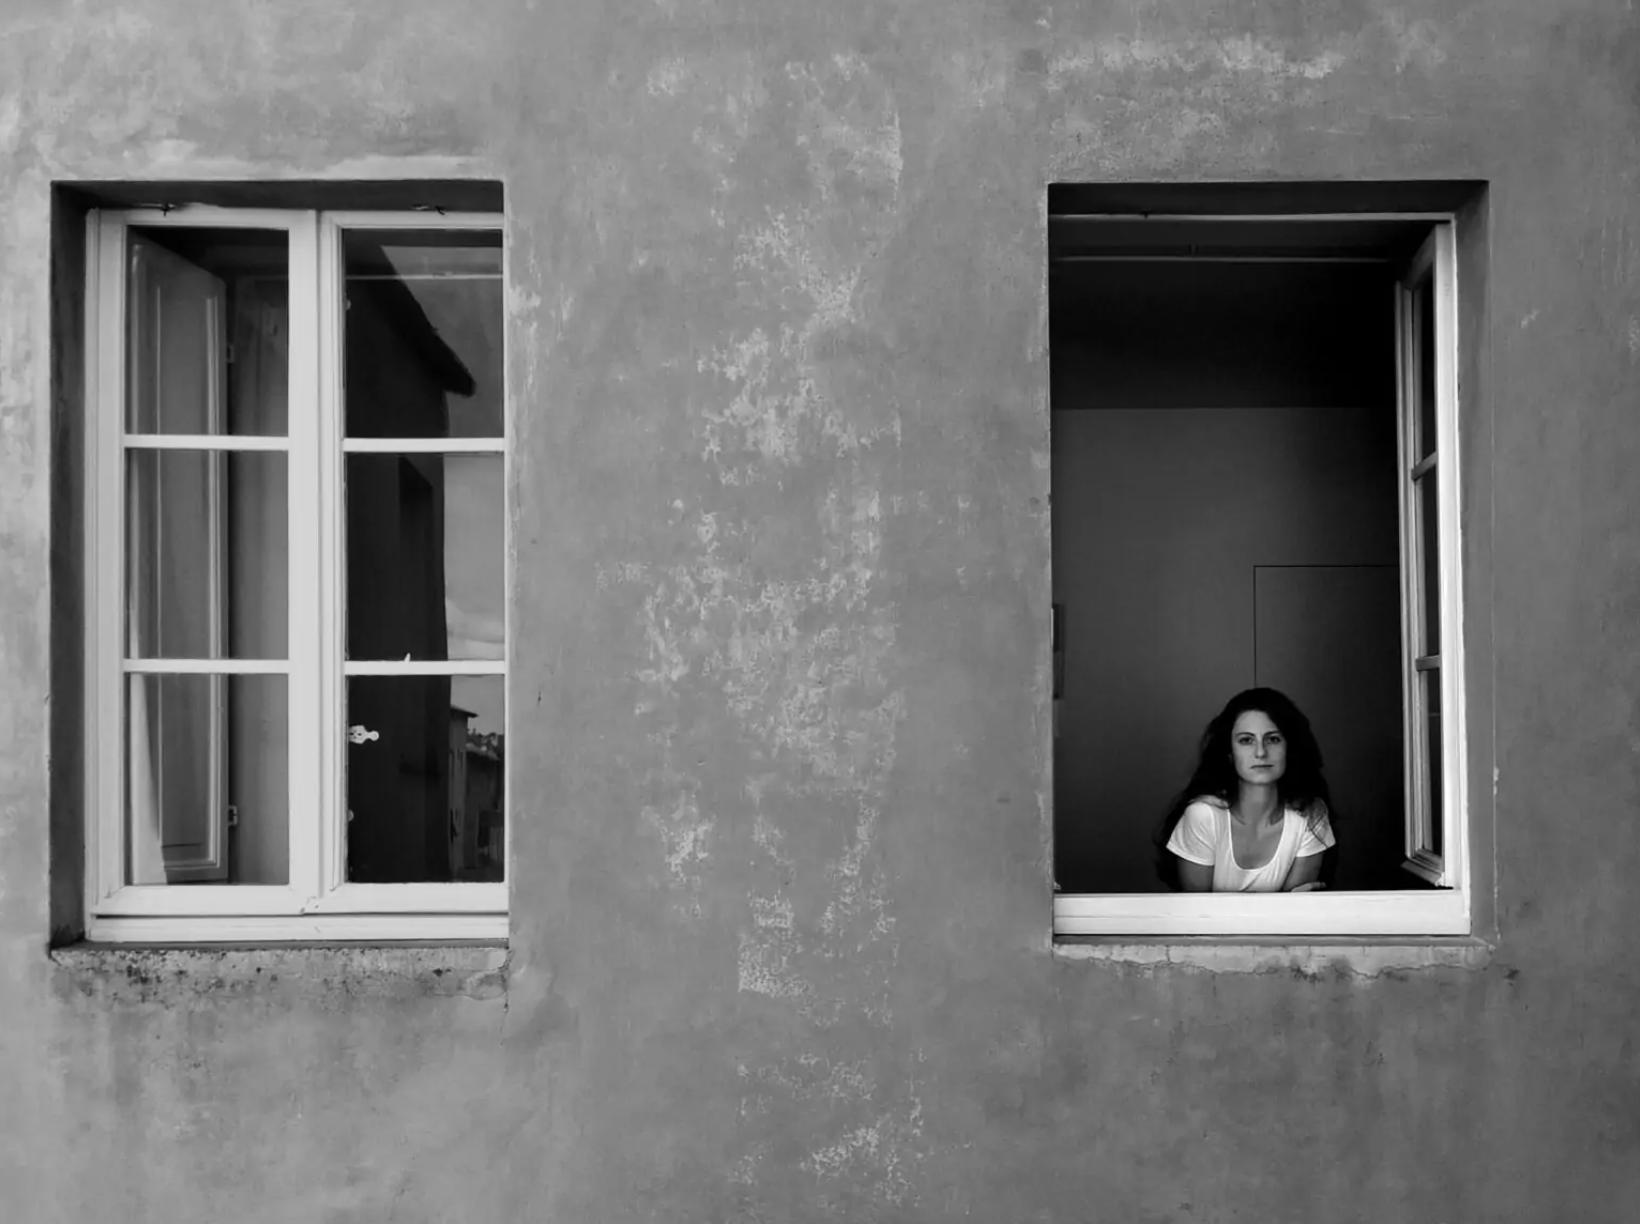 Pandemia e memoria collettiva. Photolux Festival, un'estate di fotografia a Villa Bottini